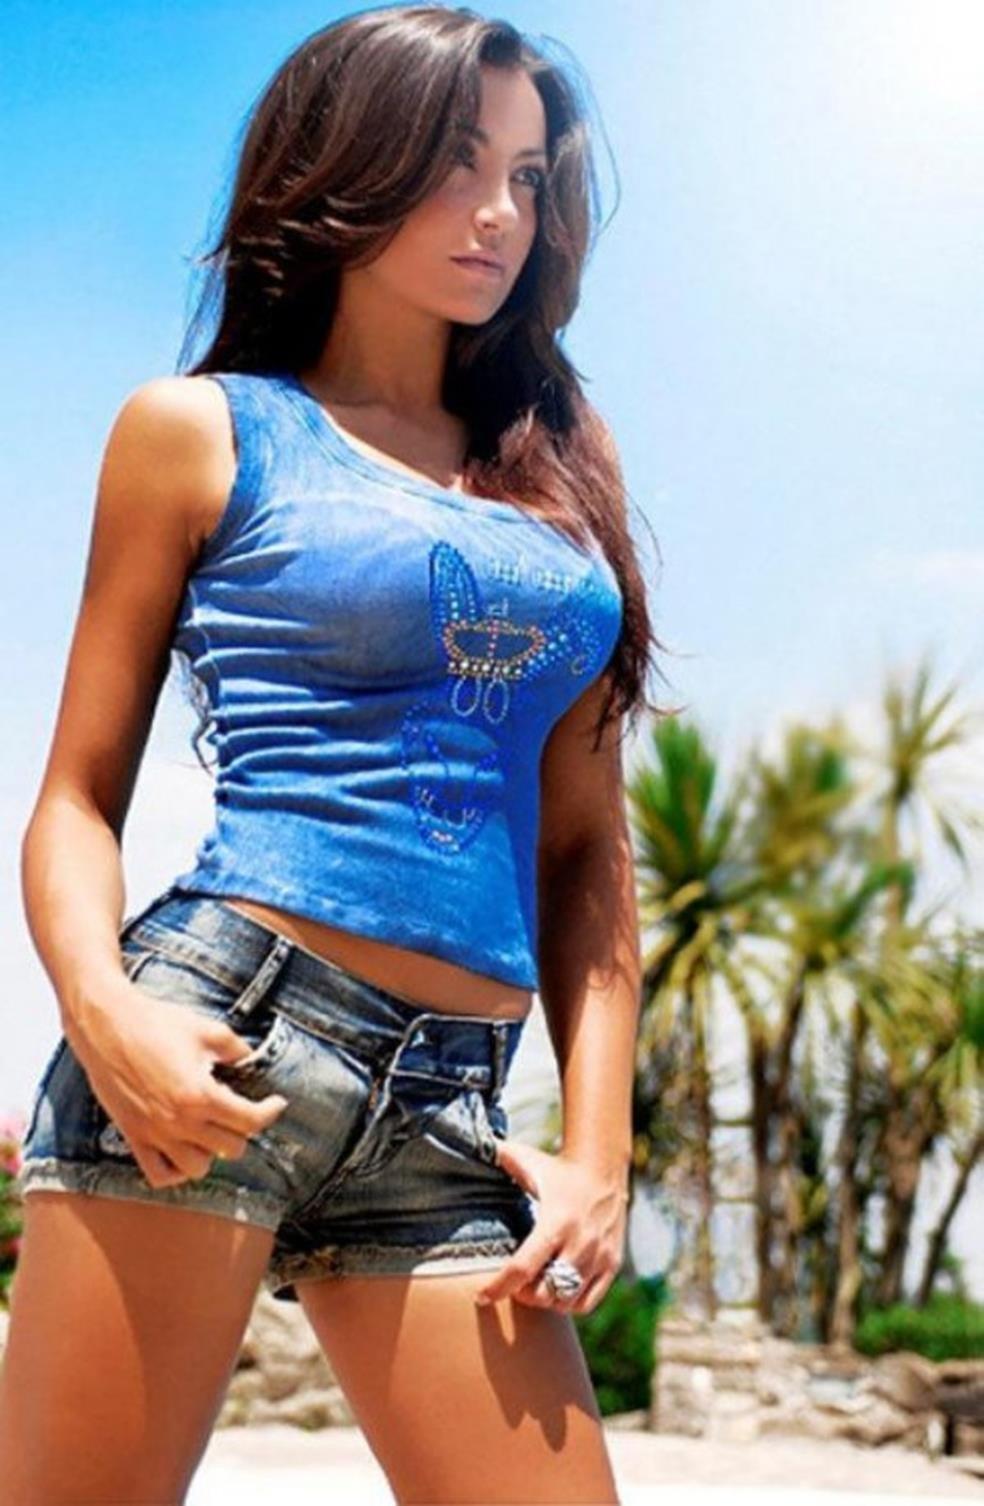 Женщина в джинсовой юбке с большой грудью фото, трахал ее что та бурно кончала струей раз за разом